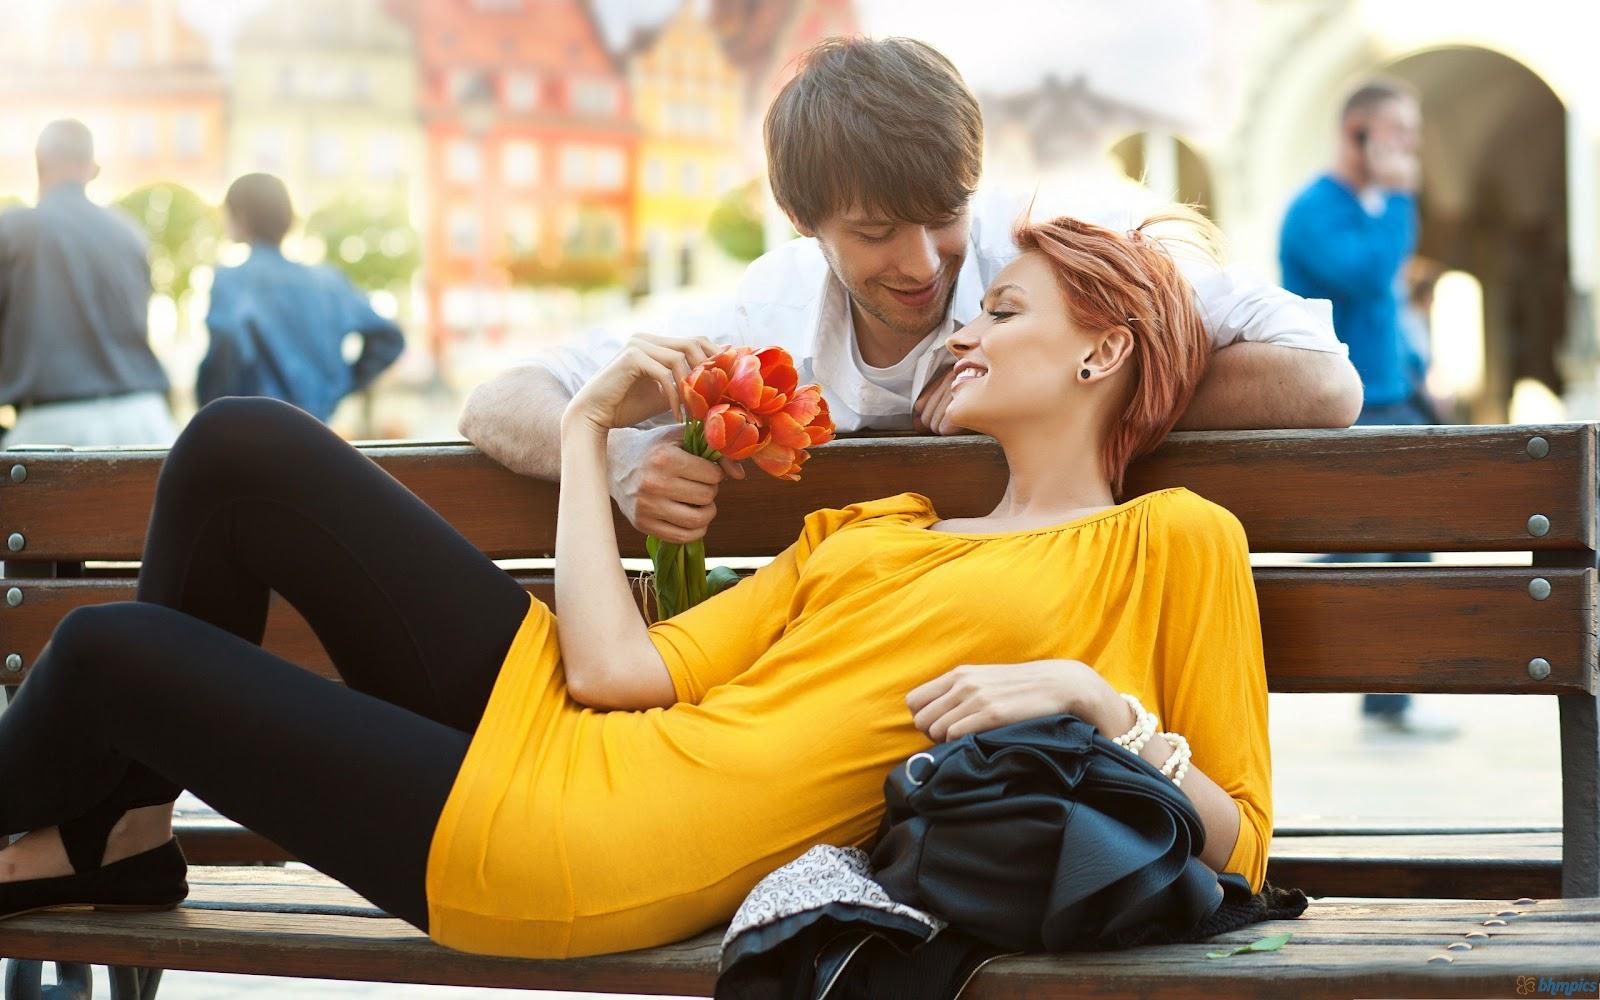 http://3.bp.blogspot.com/-_LC22A-ZUoU/UFQwMjZmZhI/AAAAAAAAD7M/75NEVHu32v8/s1600/happiness_lovers-2560x1600.jpg